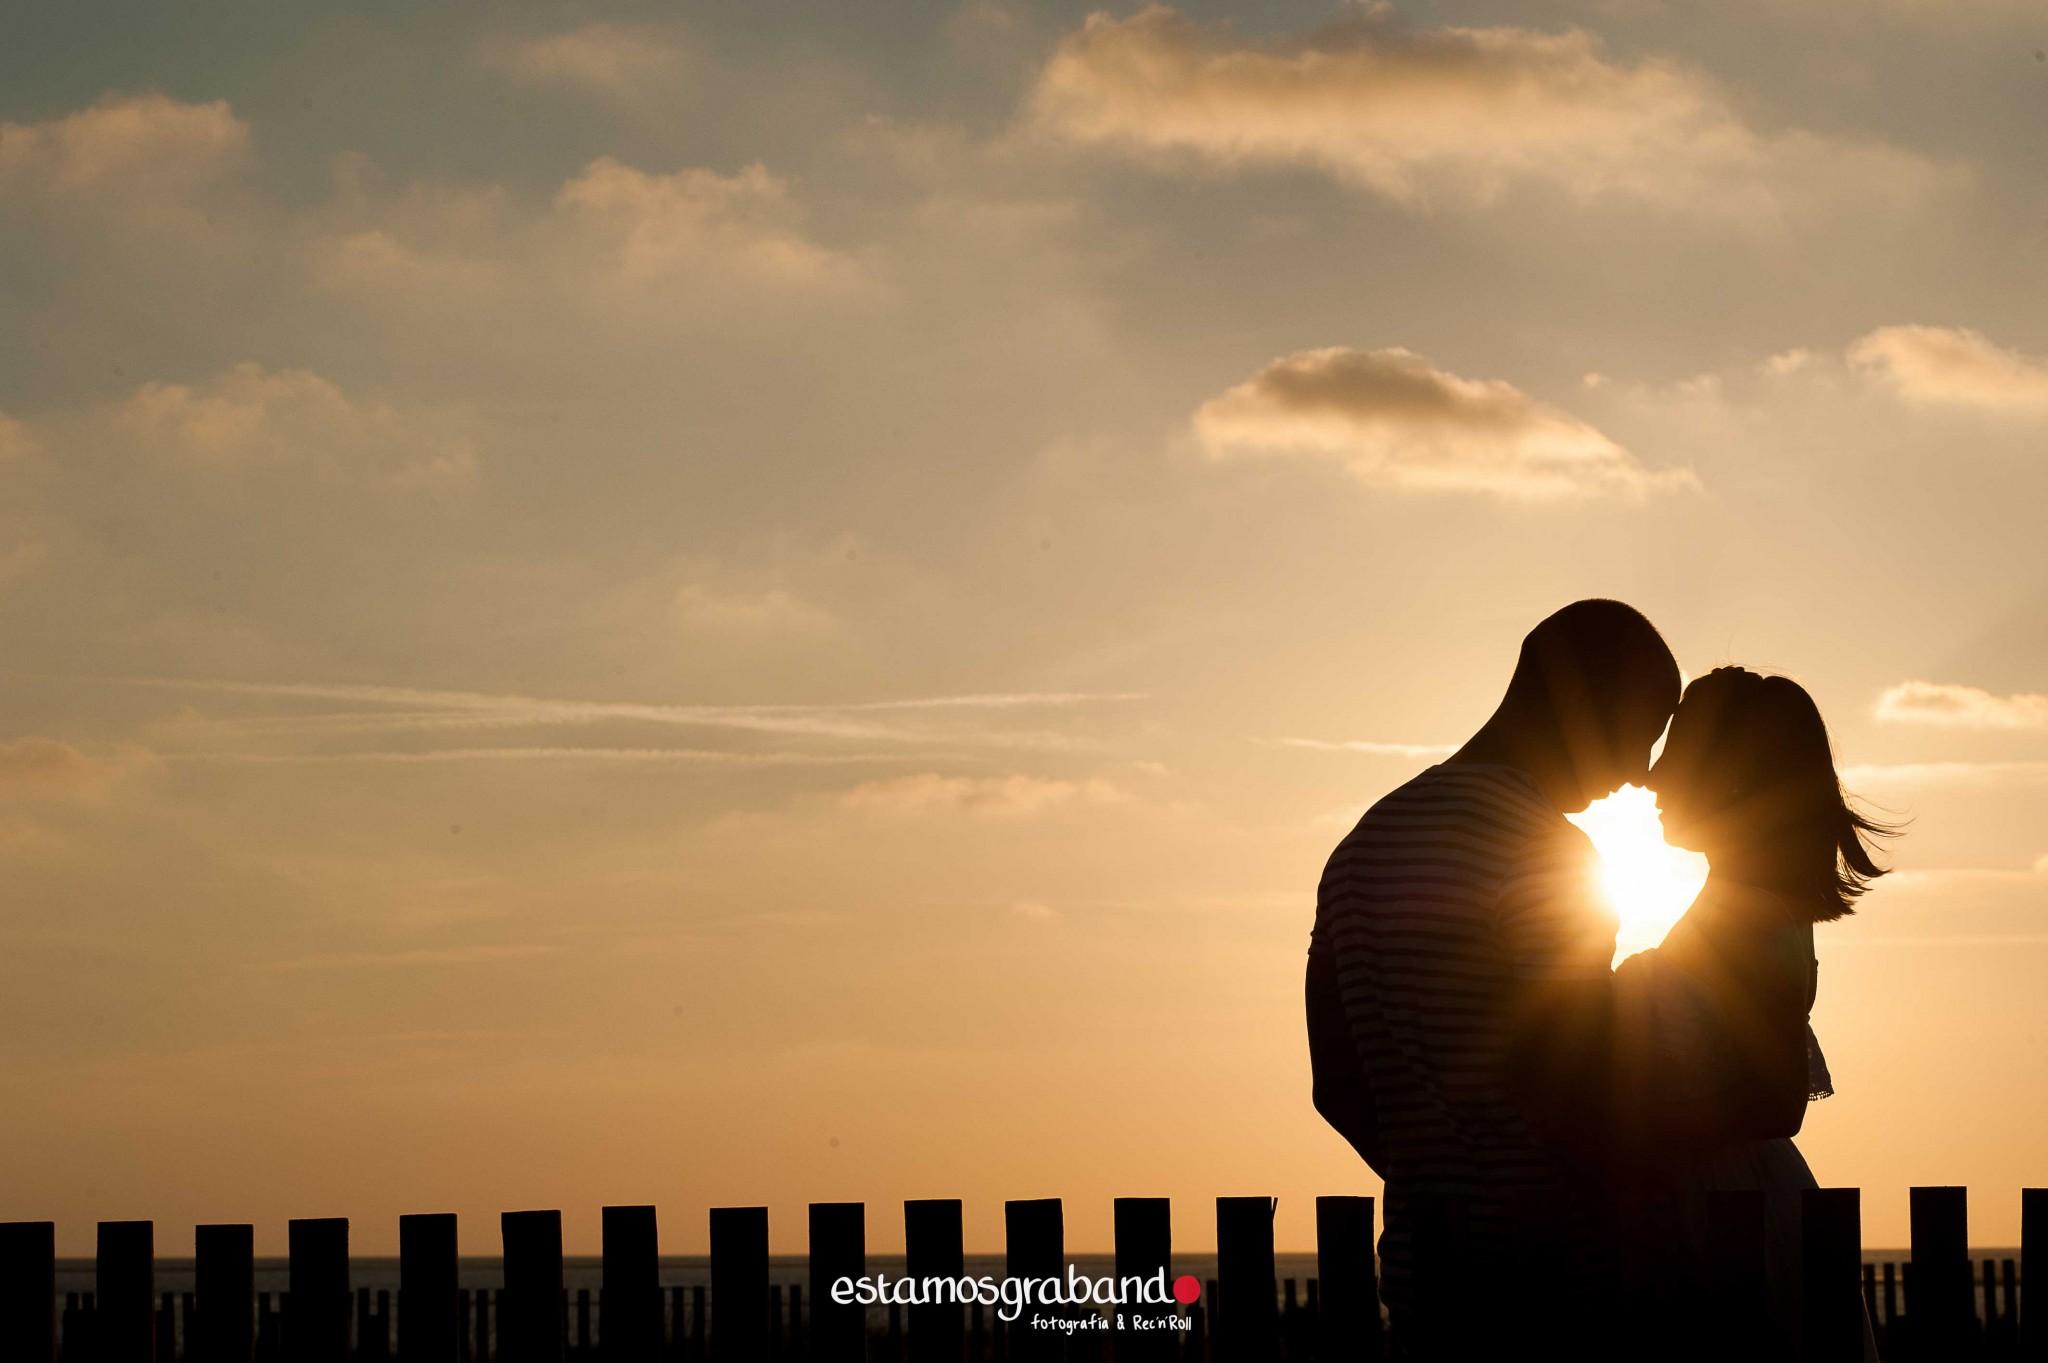 pareja-misteriosa_estamosgrabando-211 Sancti Petri y sus luces [Preboda Raquel & Ale] - video boda cadiz